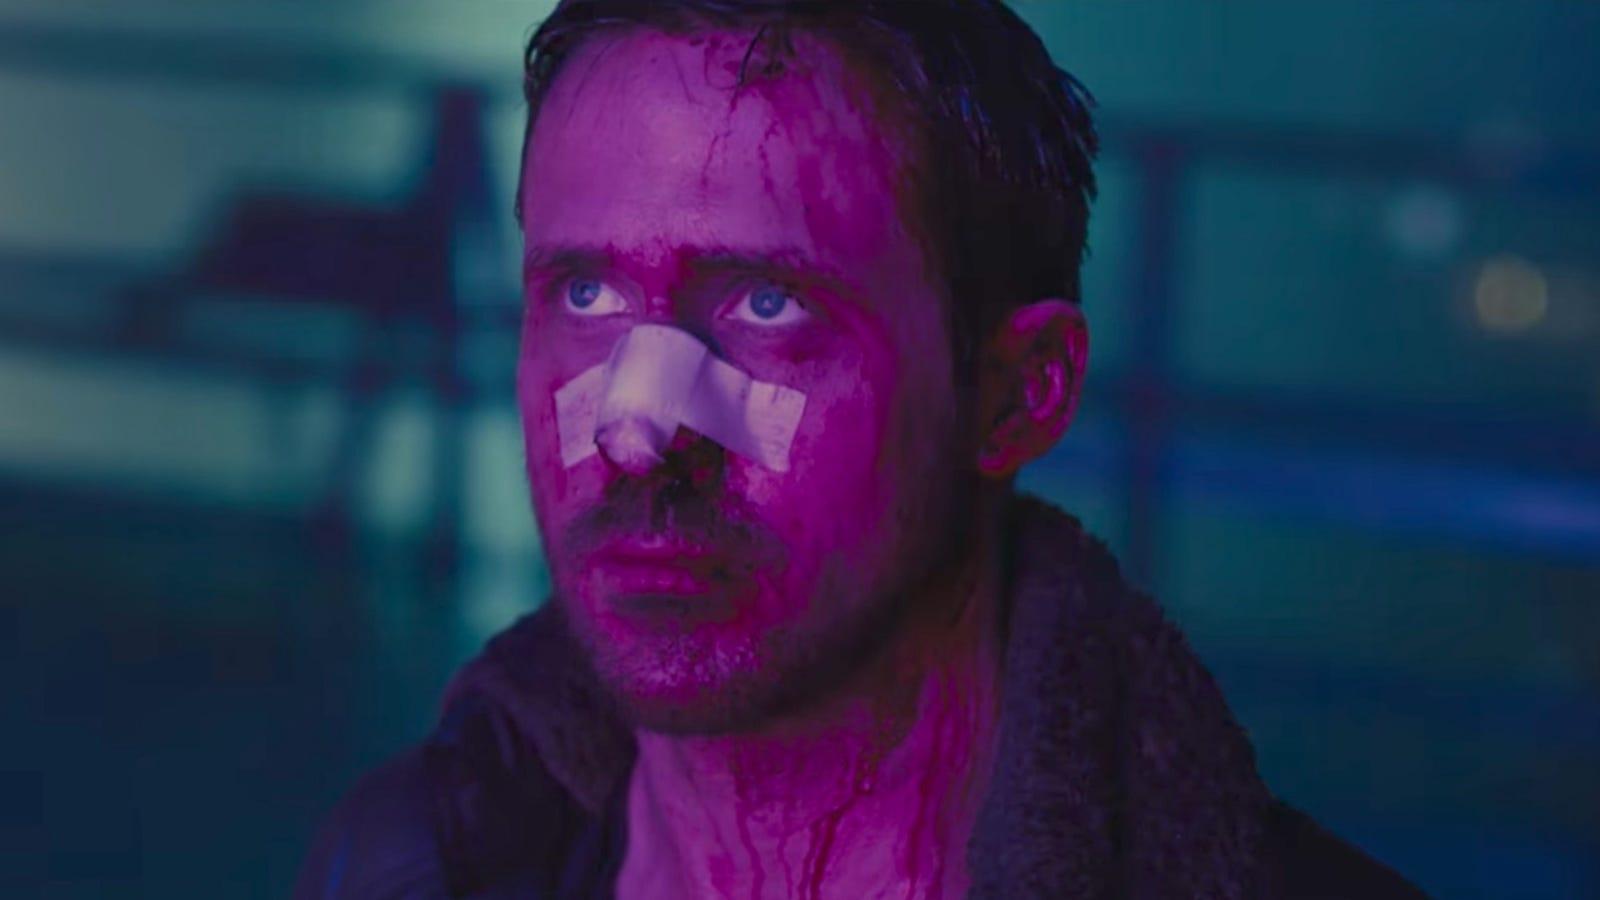 Blade Runner 2049 Is A Hallucinatory Wonder - photo#38